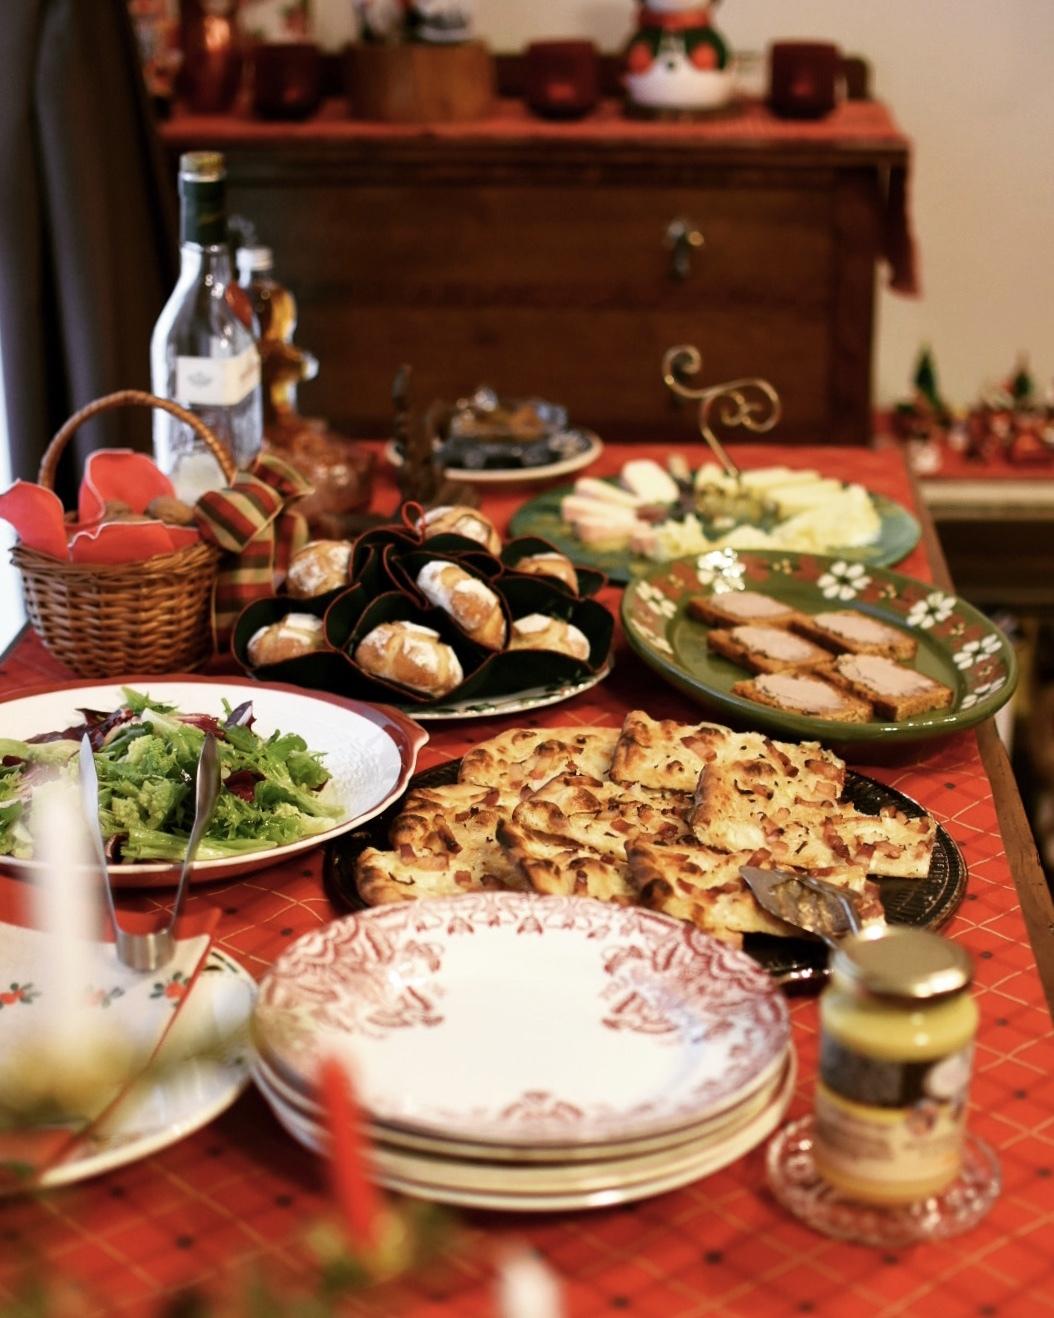 アルザス料理とおいしいお土産 スペシャルレッスン風景_a0100596_10204147.jpeg